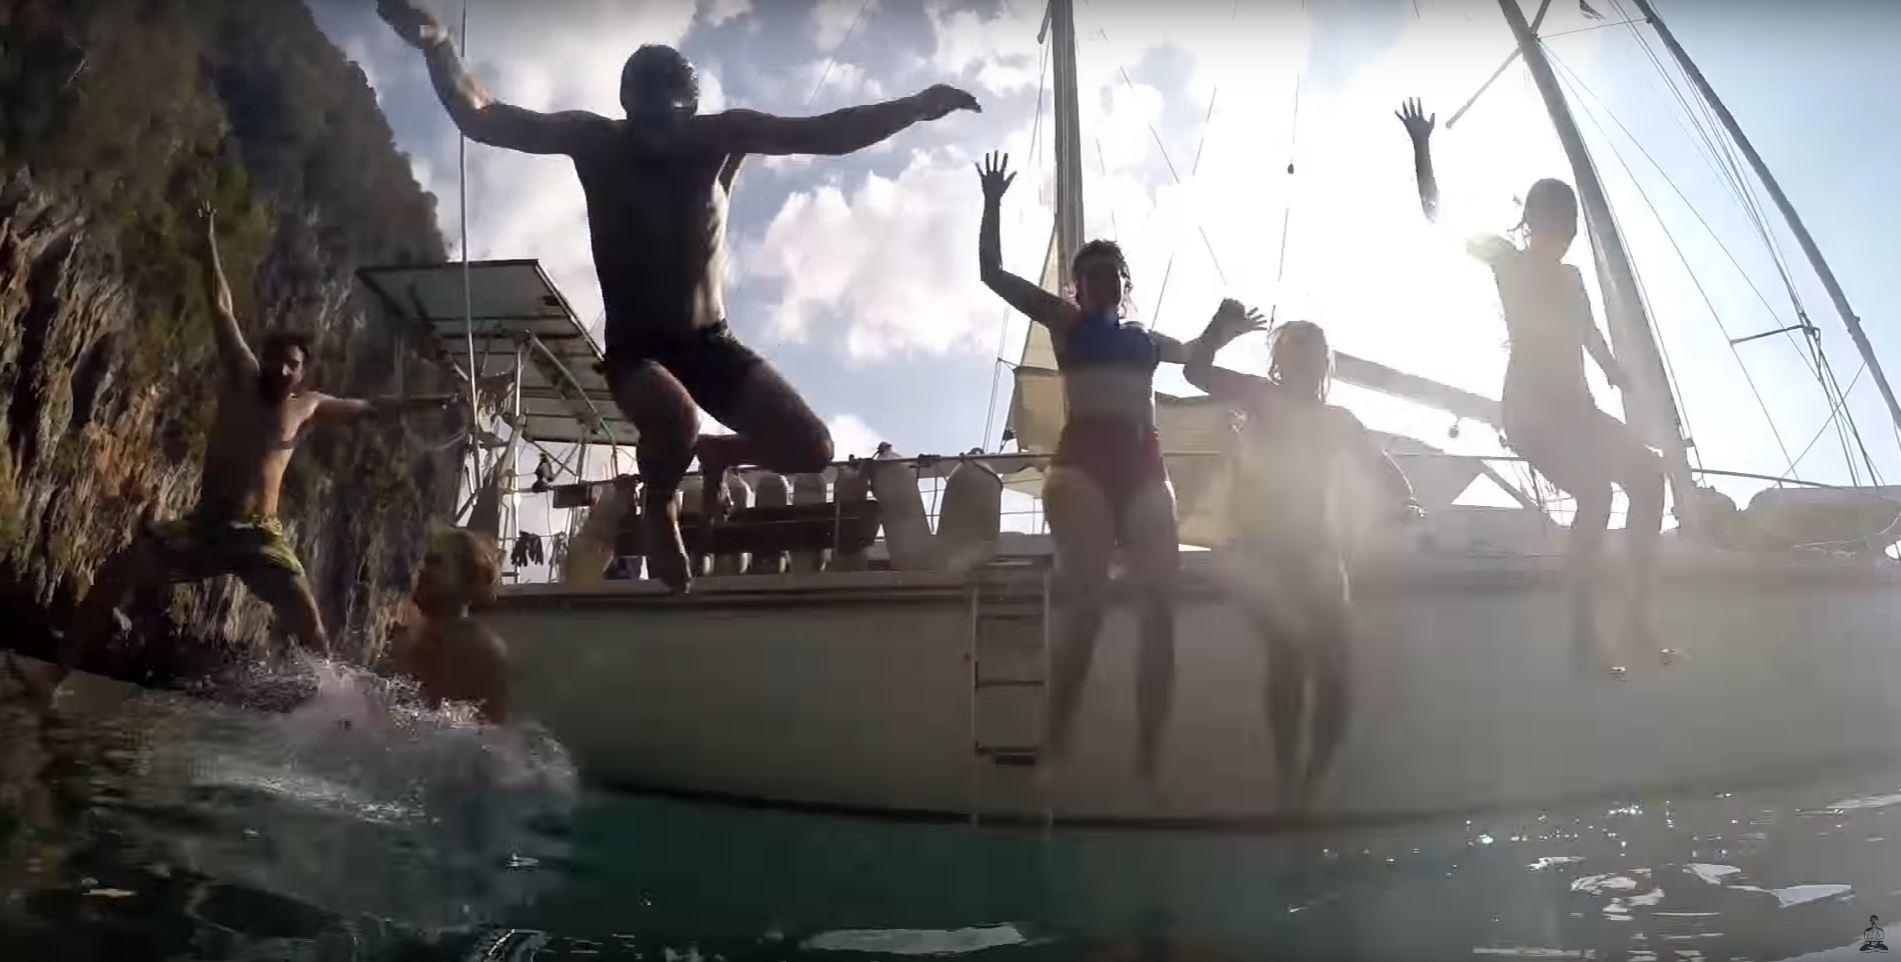 phuket island hopping paradise sailboat